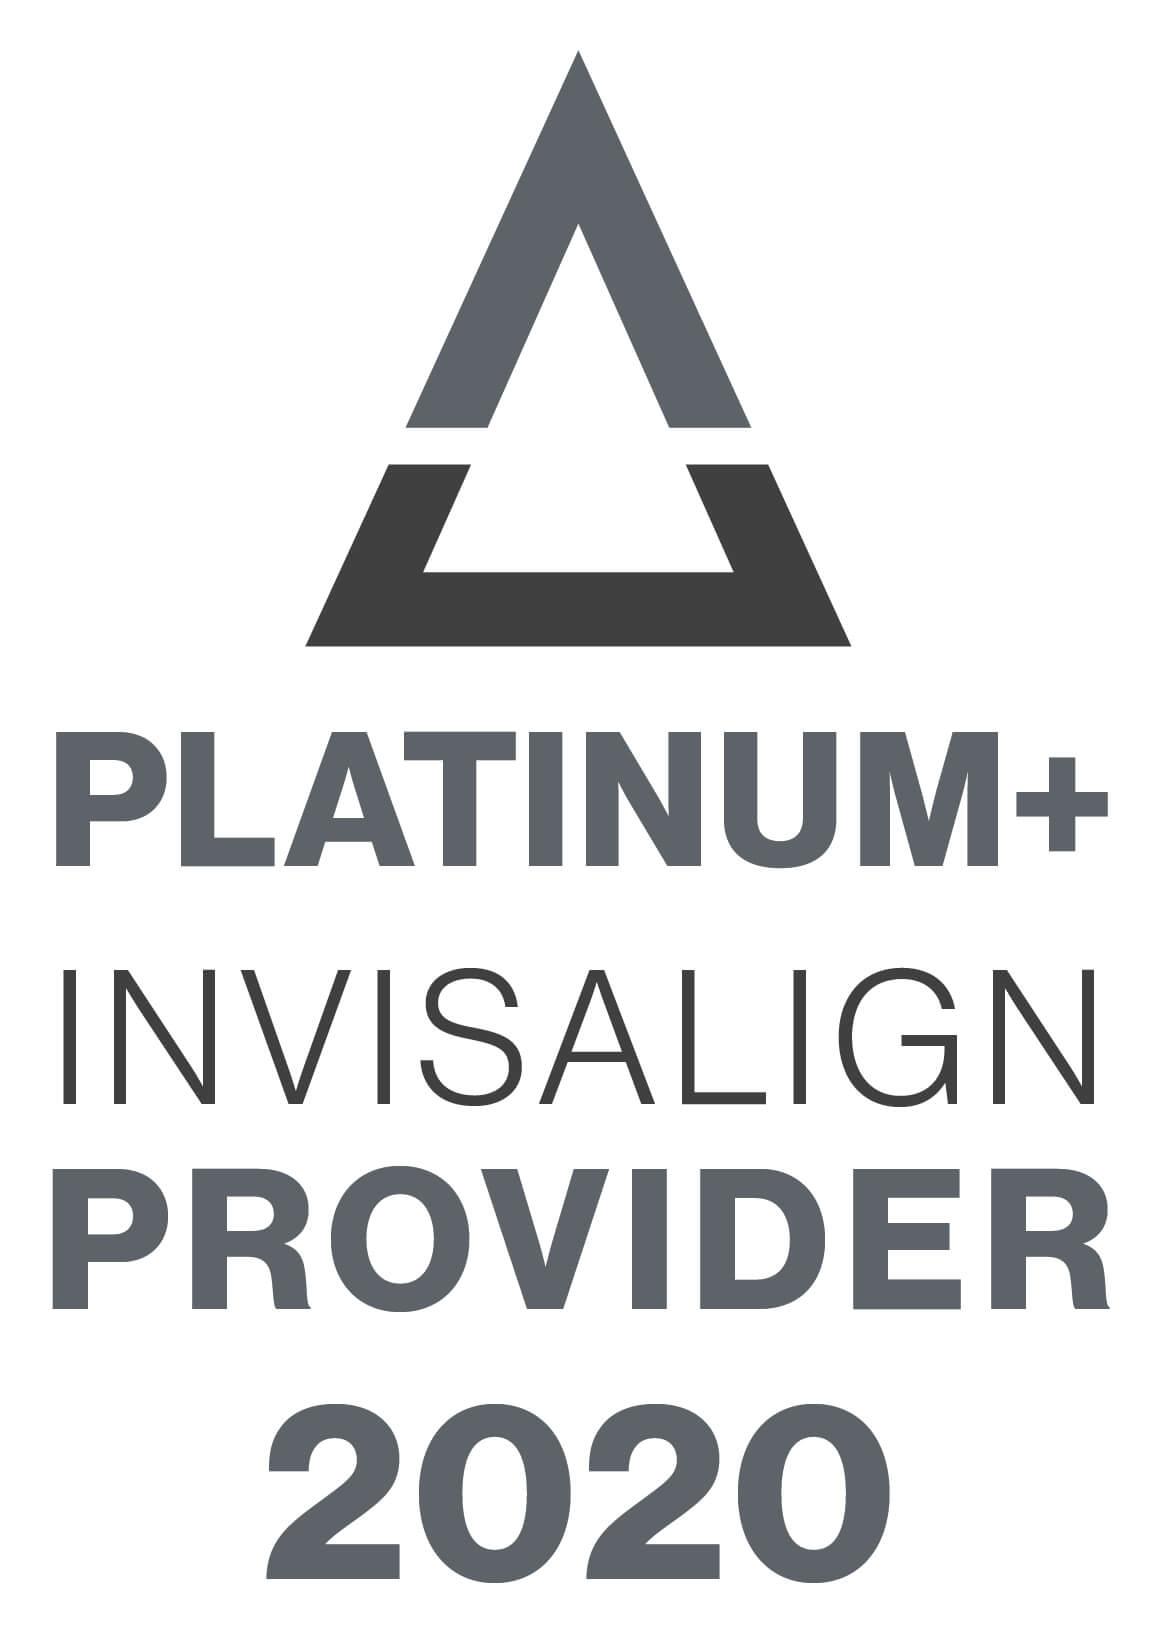 Platinum+ Invisalign 2020 logo